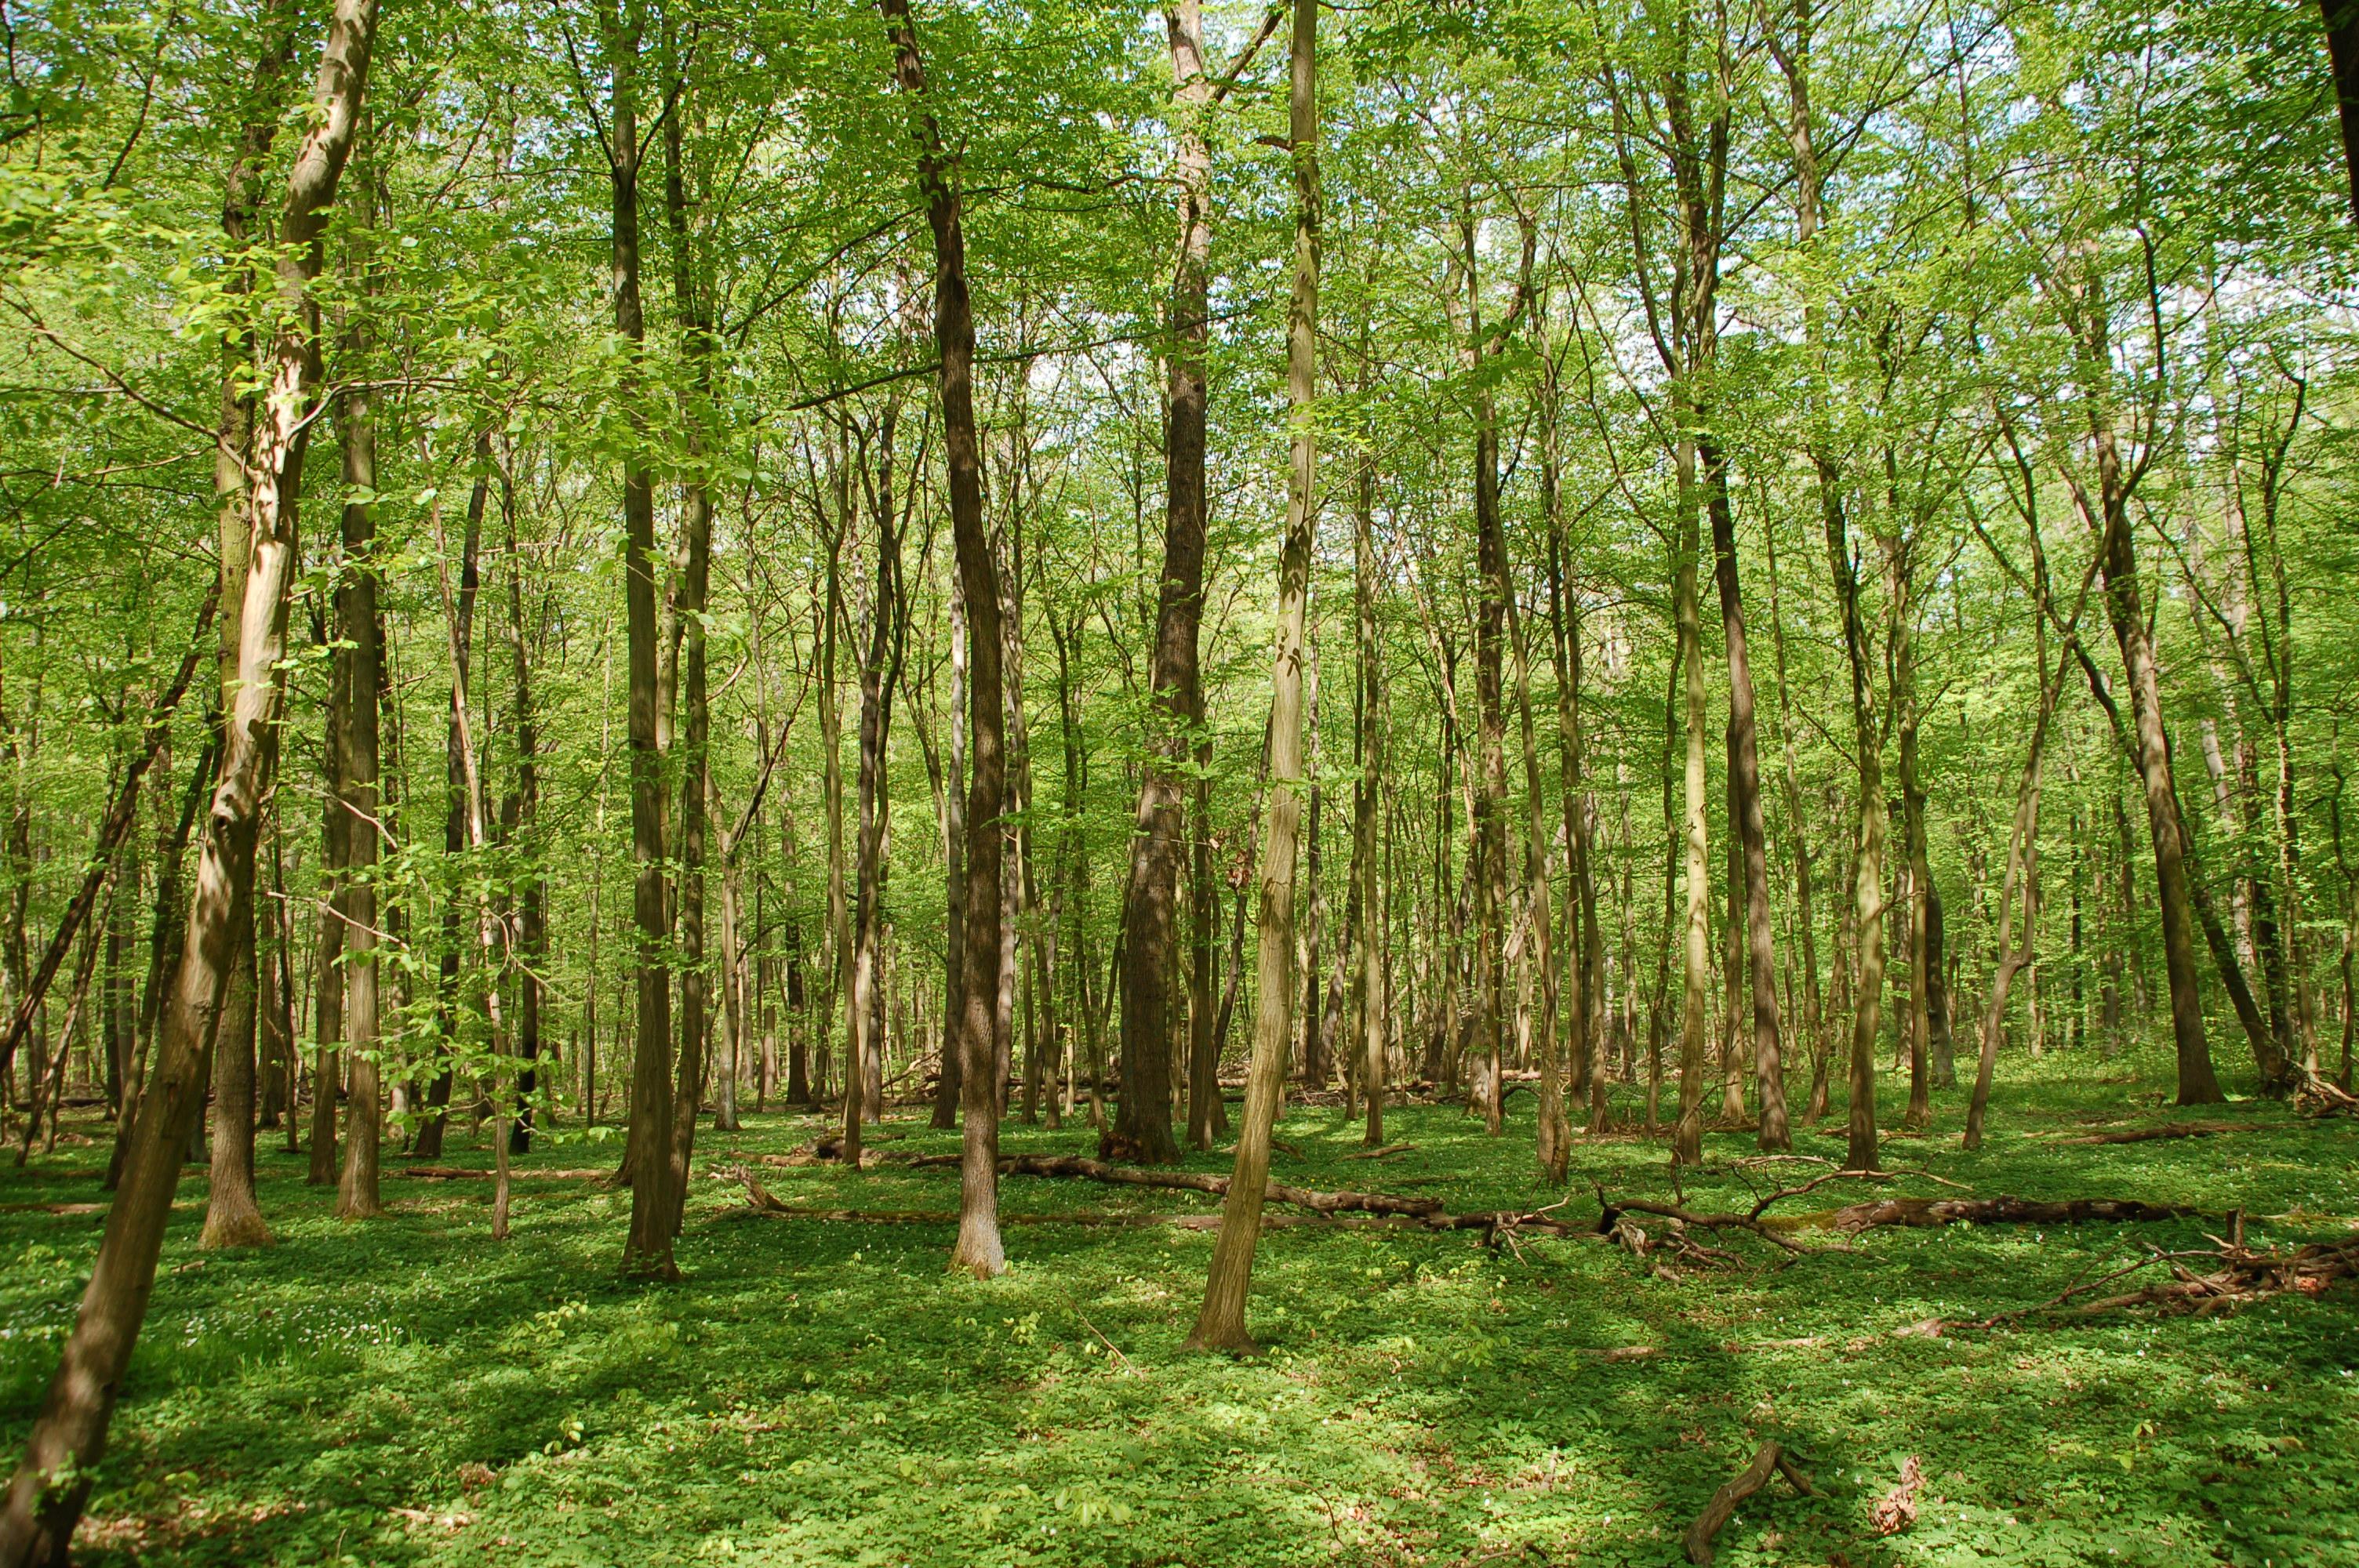 Der Nationalpark Hainich ist das größte zusammenhängende Laubwaldgebiet Deutschlands.